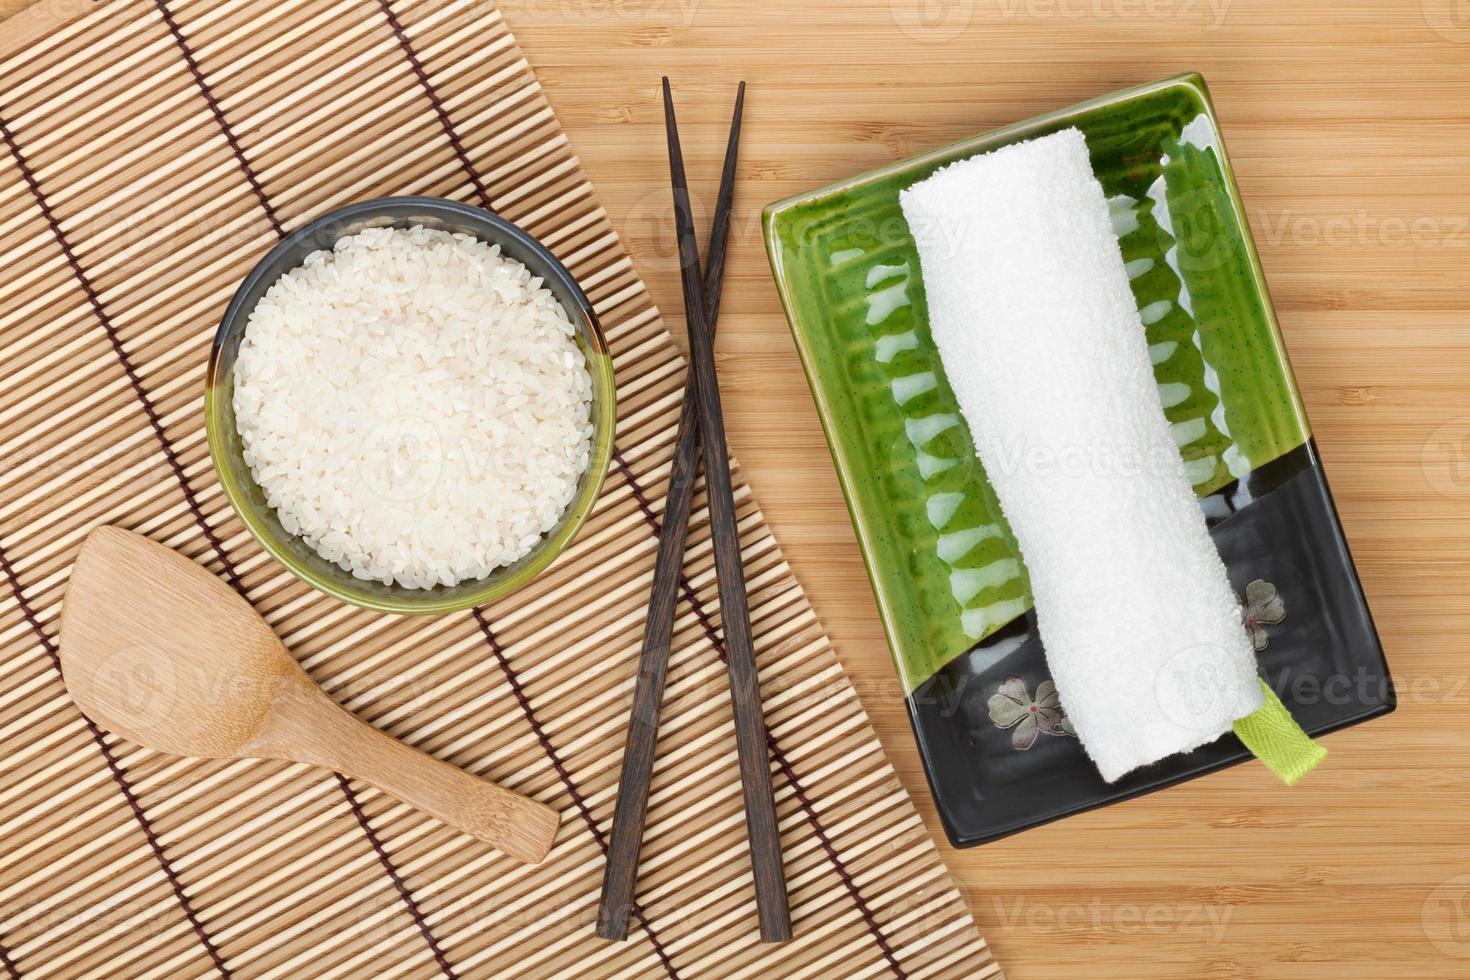 ingrédients et ustensiles de cuisine japonaise photo